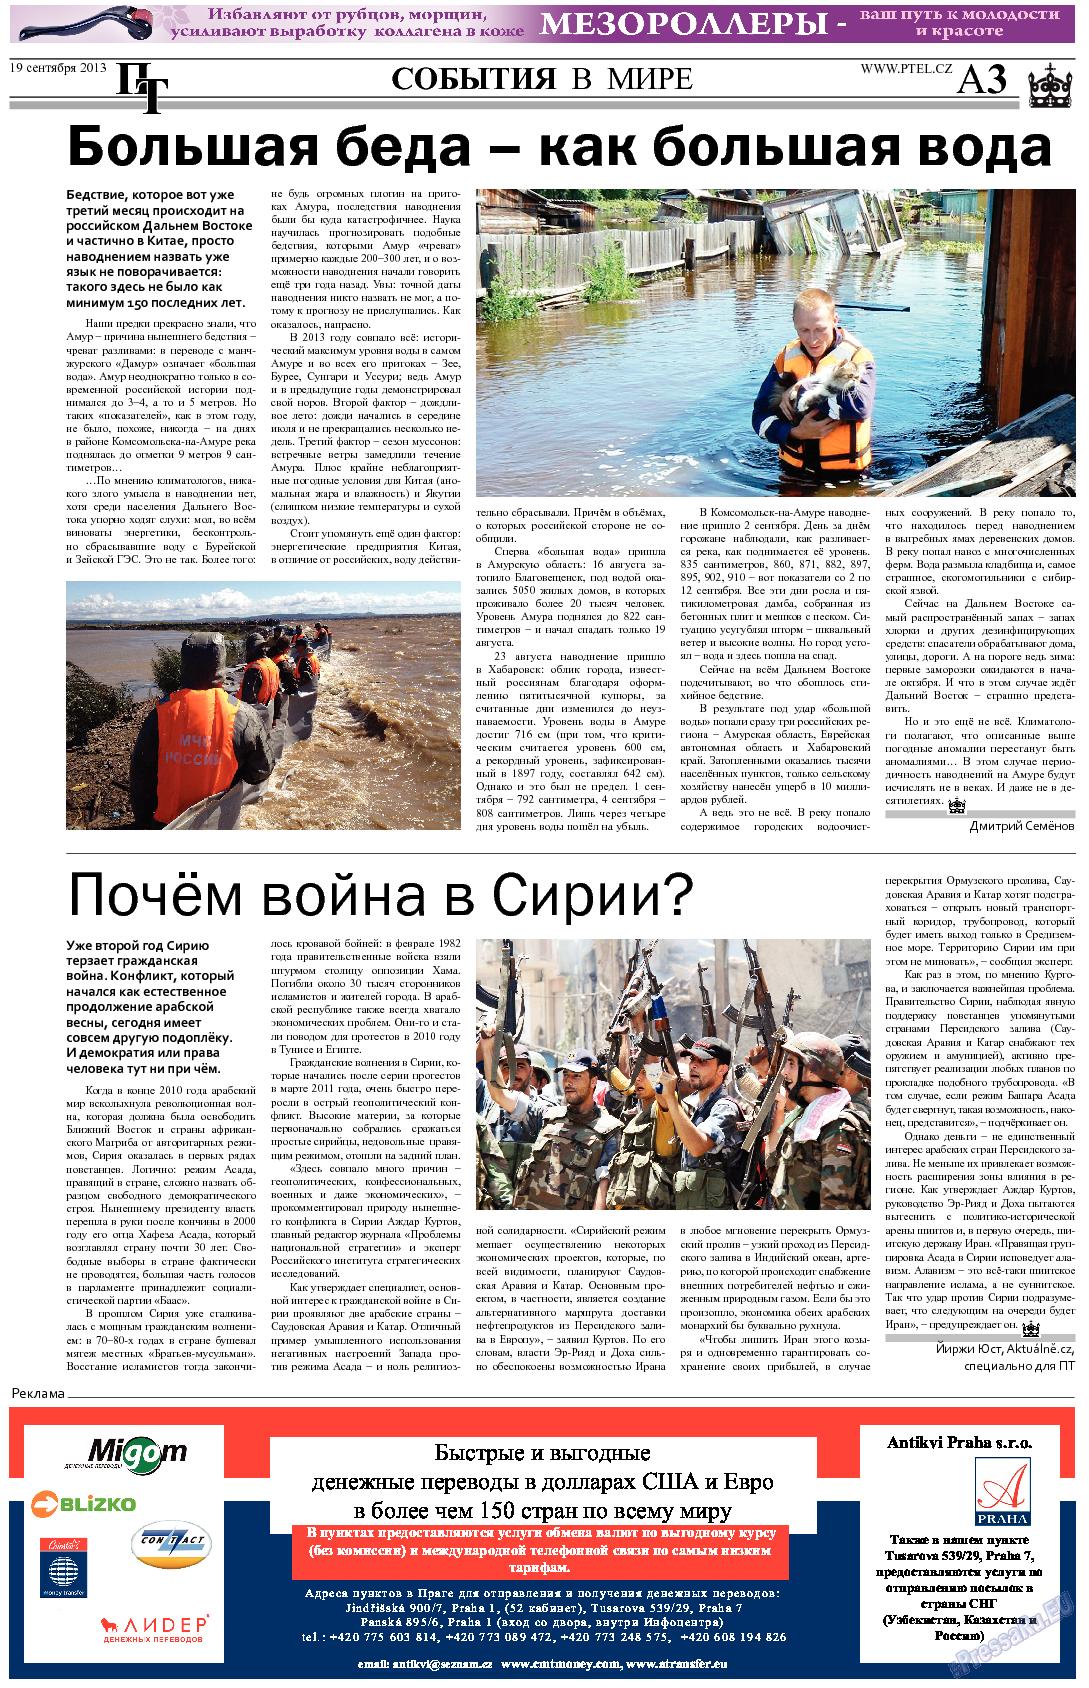 Пражский телеграф (газета). 2013 год, номер 37, стр. 3